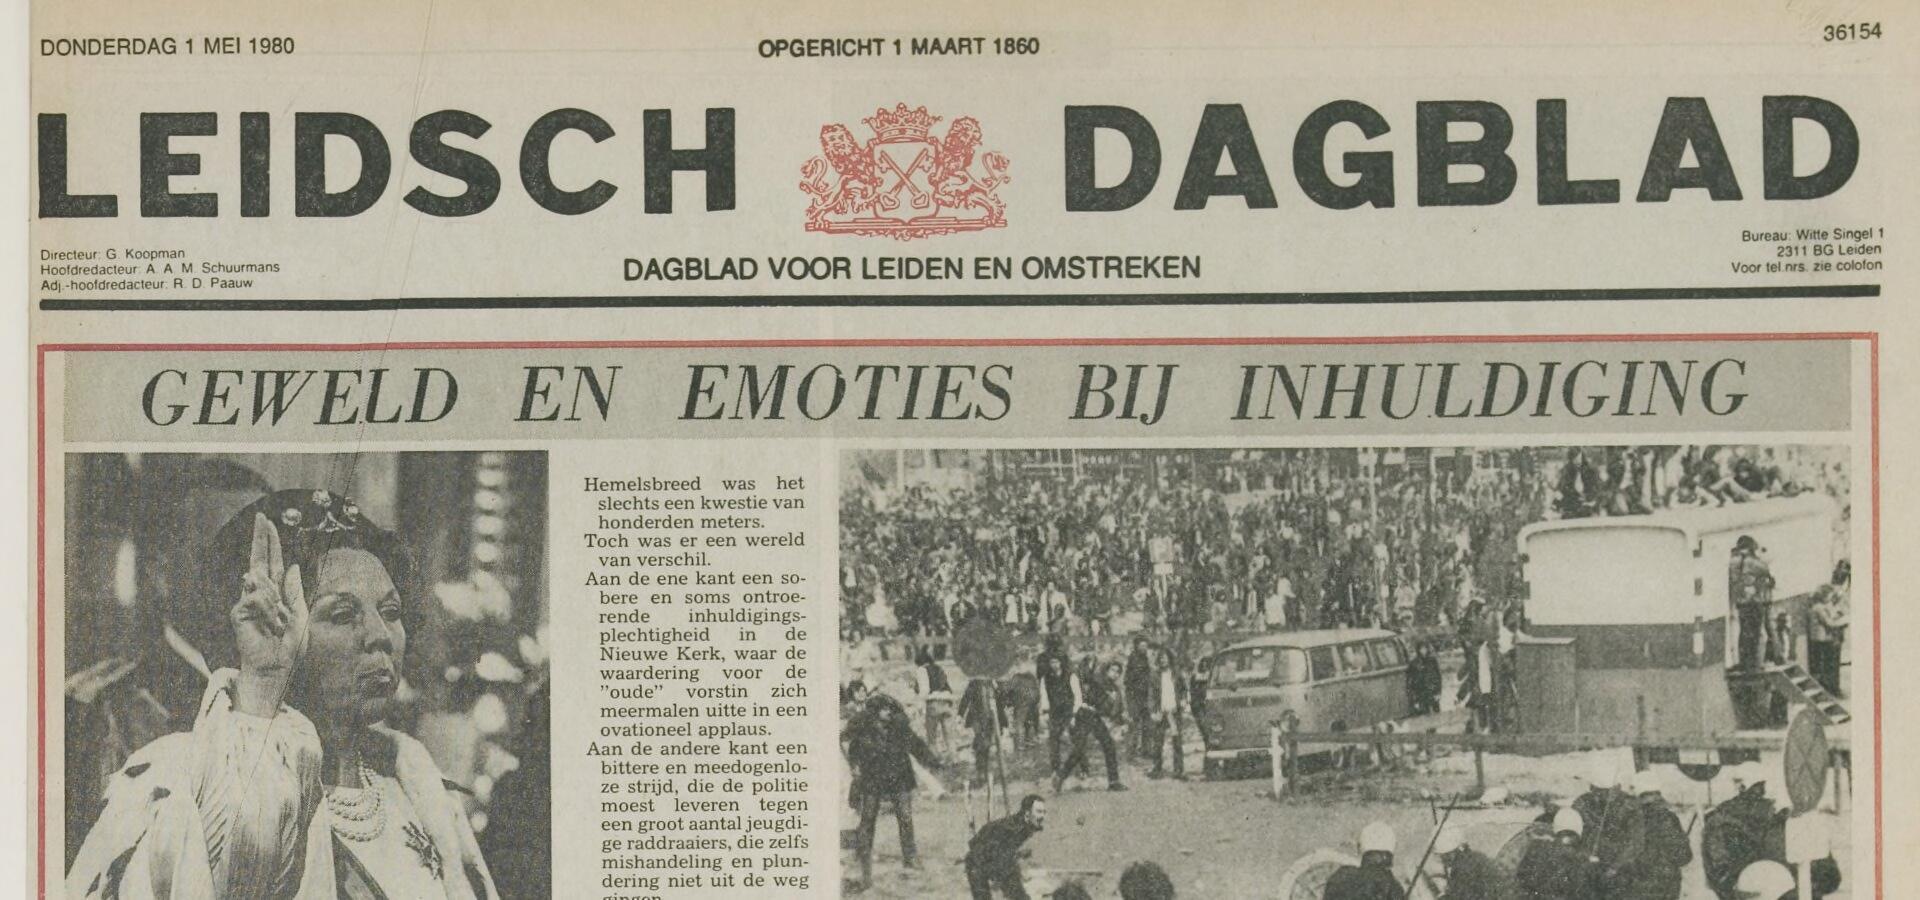 France historische kranten online dating